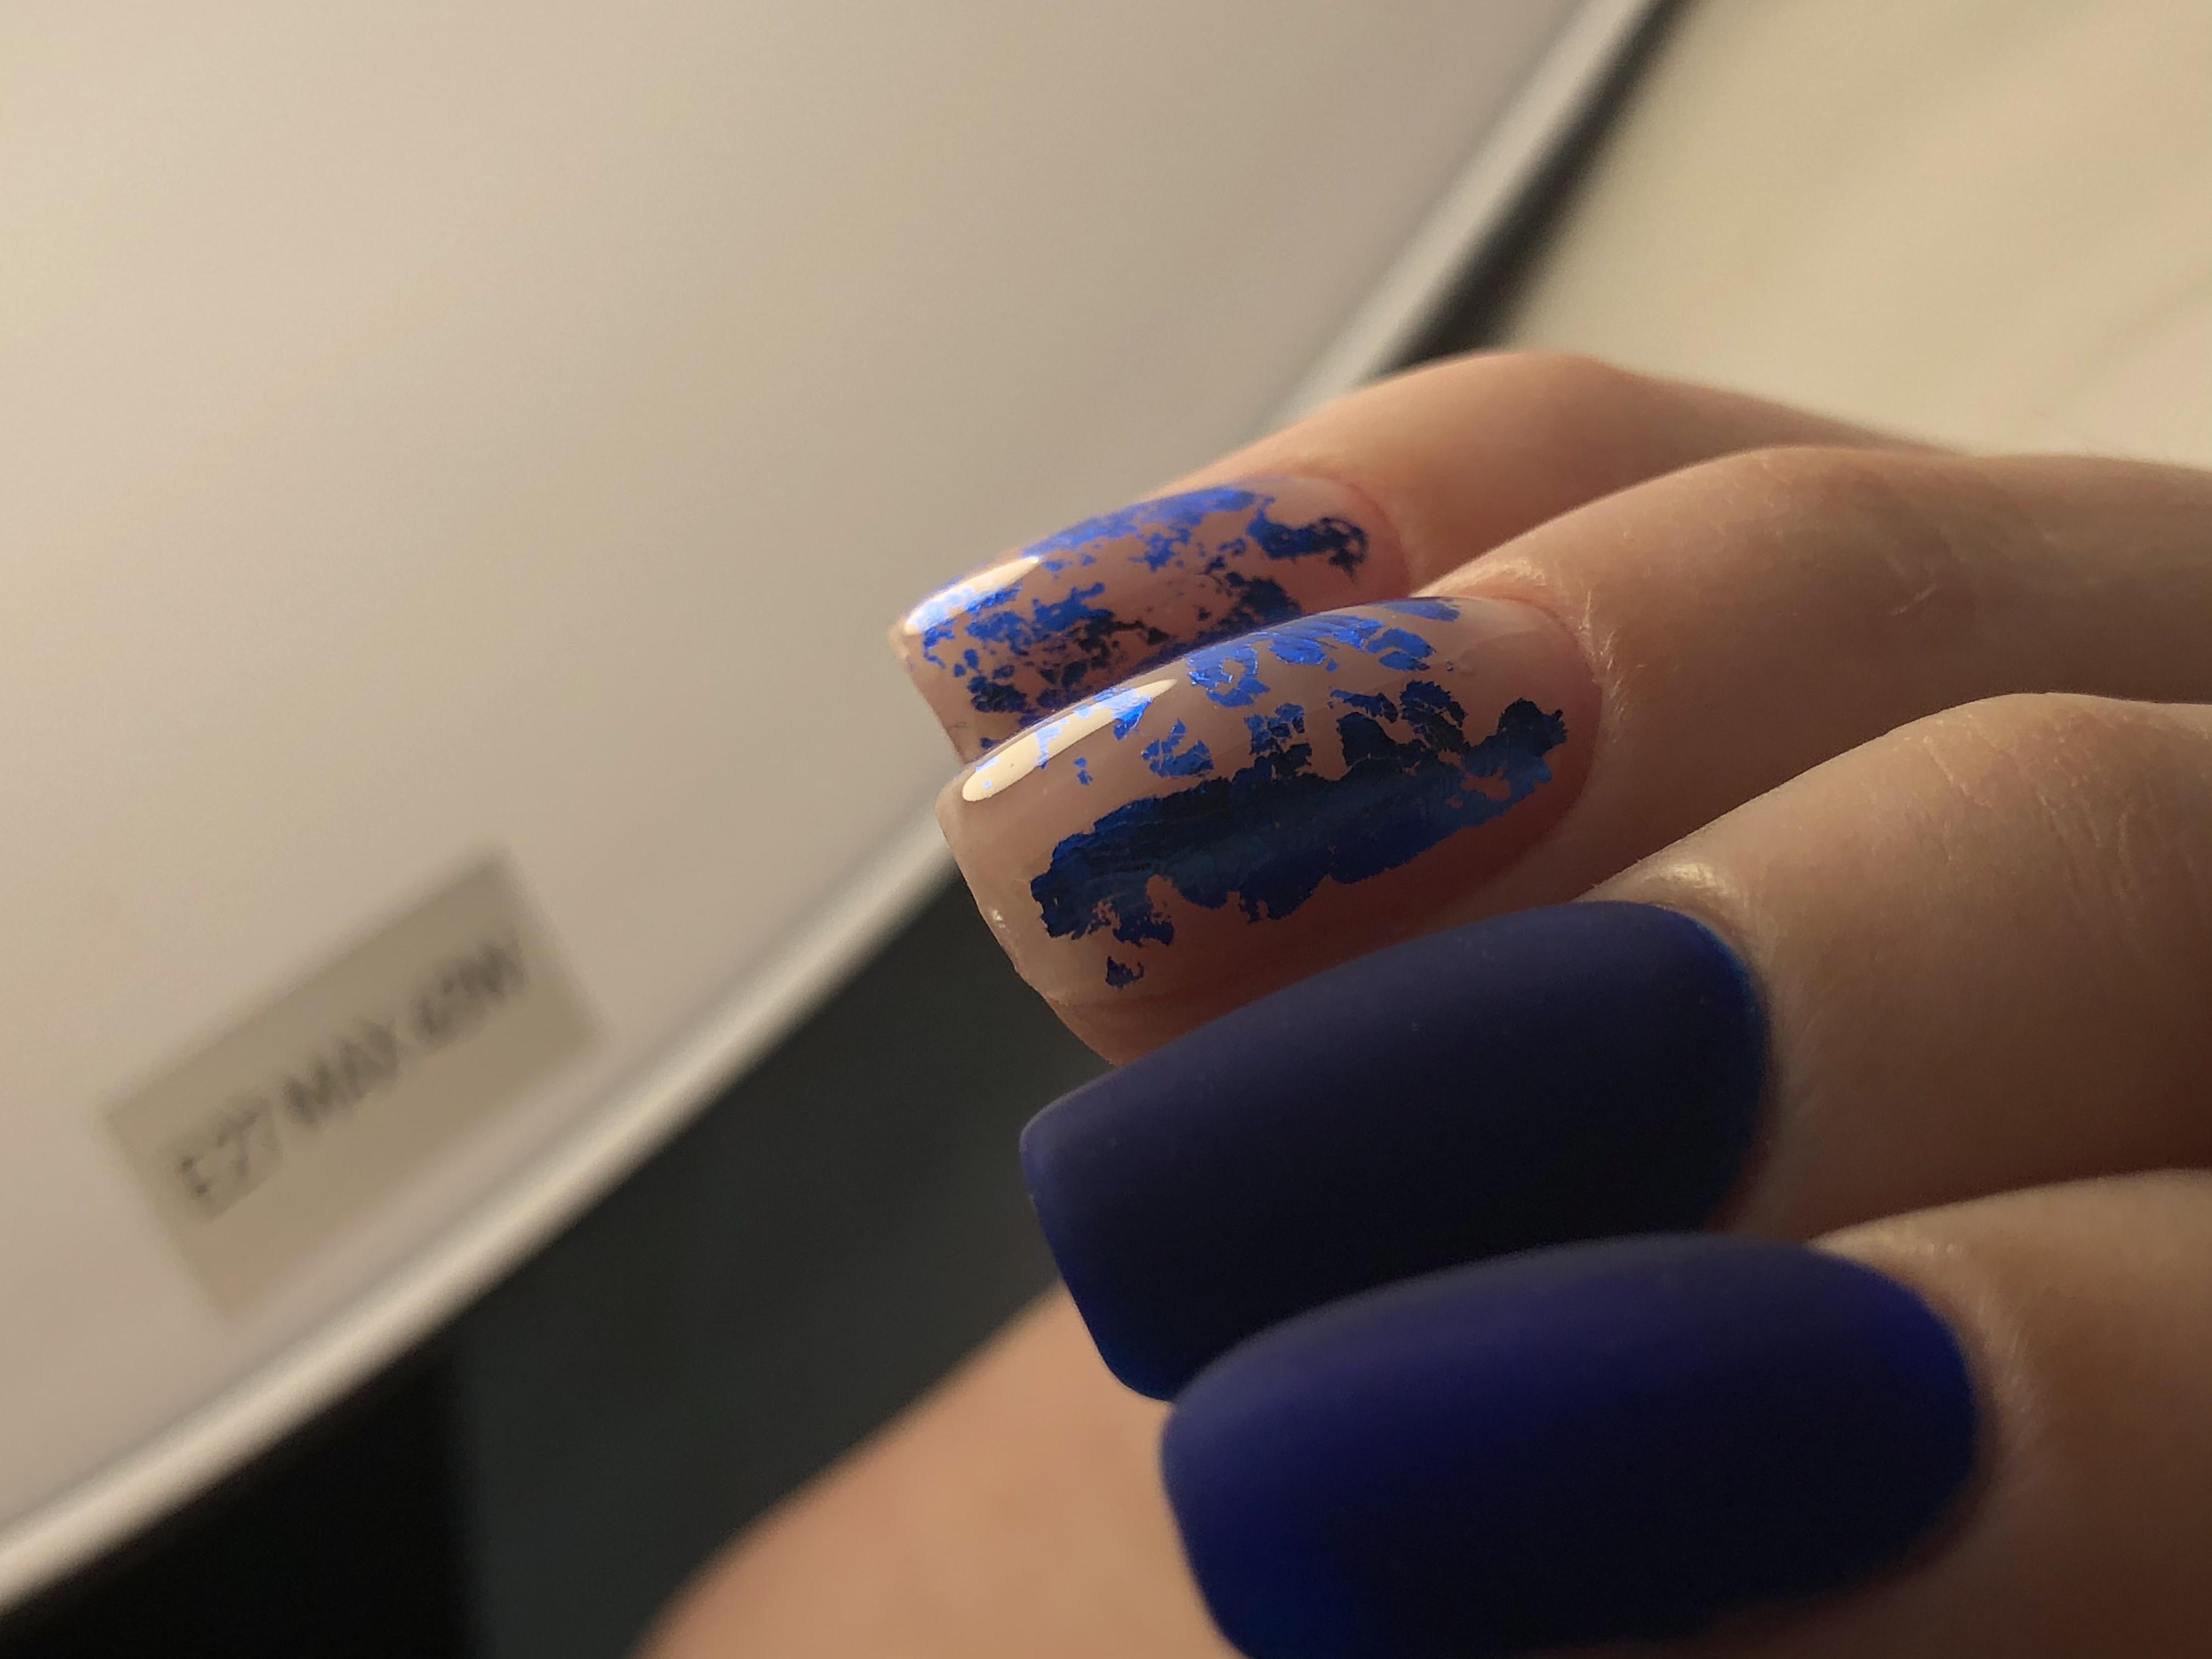 Матовый маникюр с цветной фольгой в темно-синем цвете.